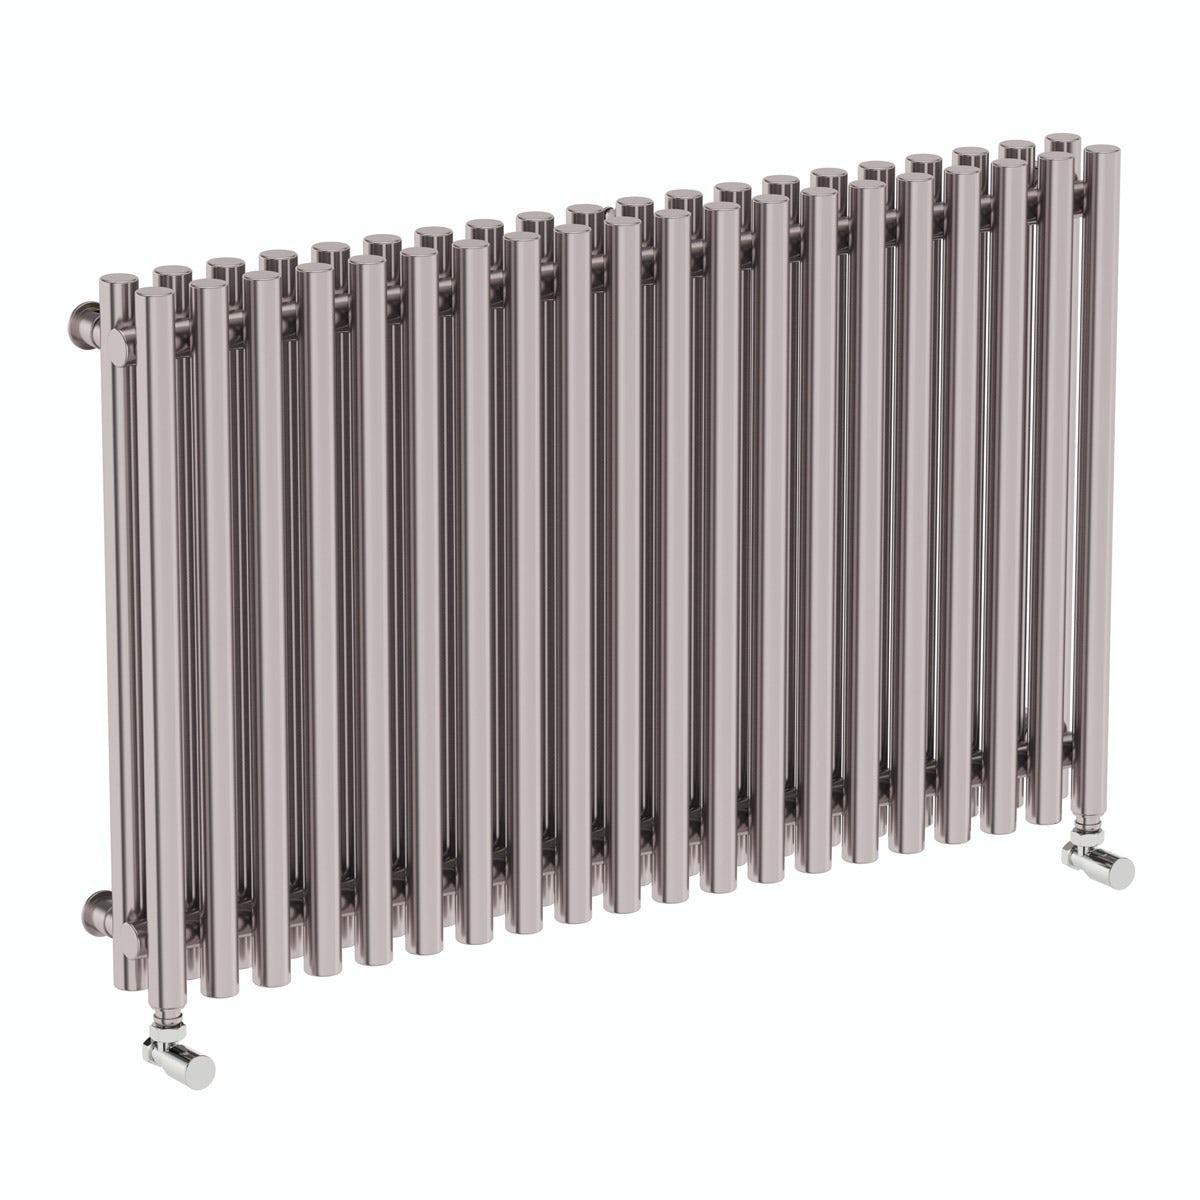 Terma Tune matt nickel double horizontal radiator 600 x 990